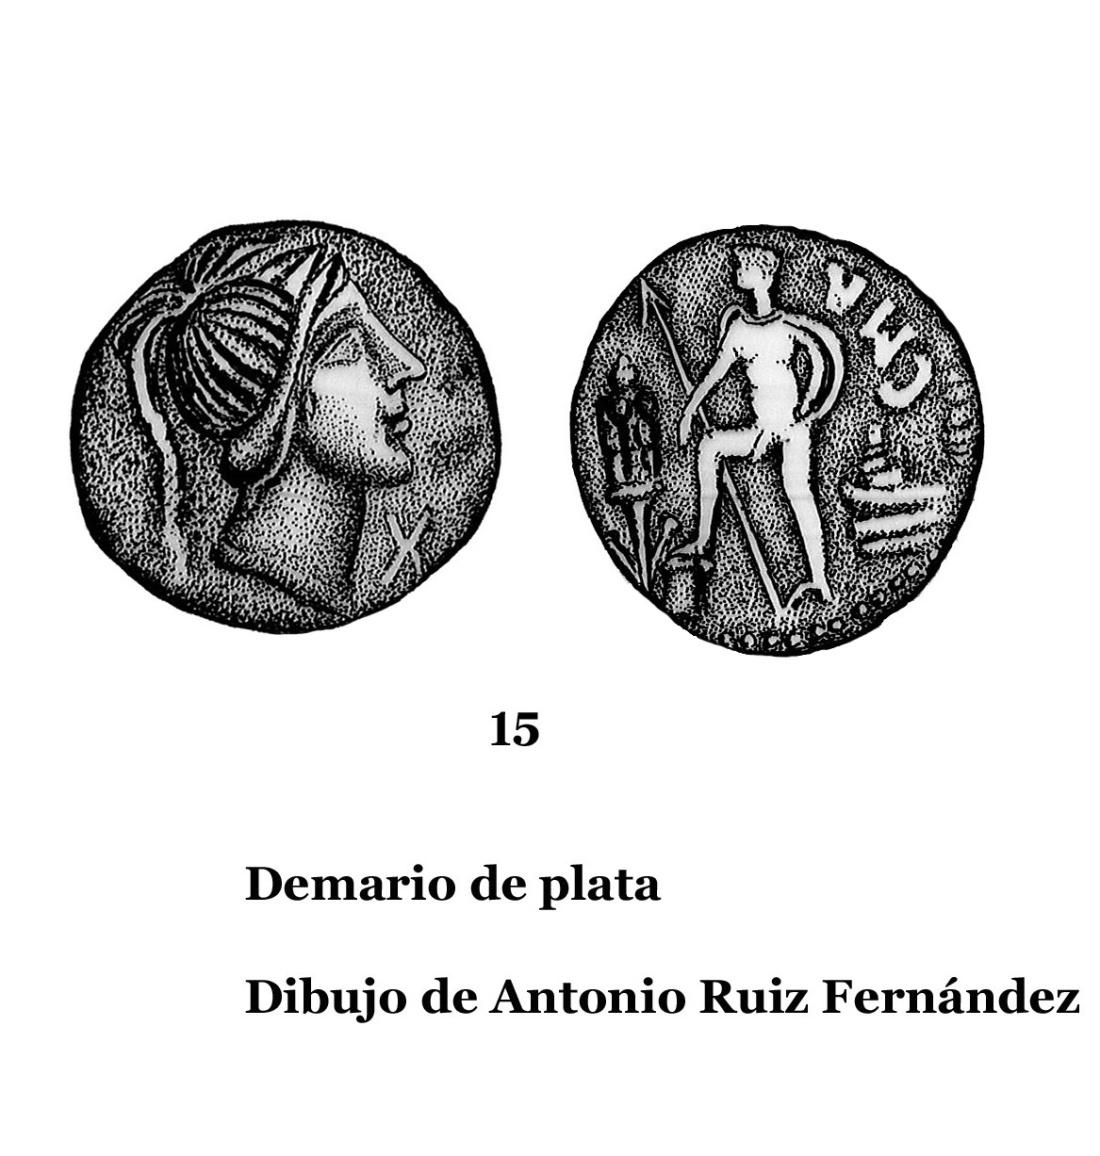 15DENARIOS DE PLATA, DIBUJOS 15 copia